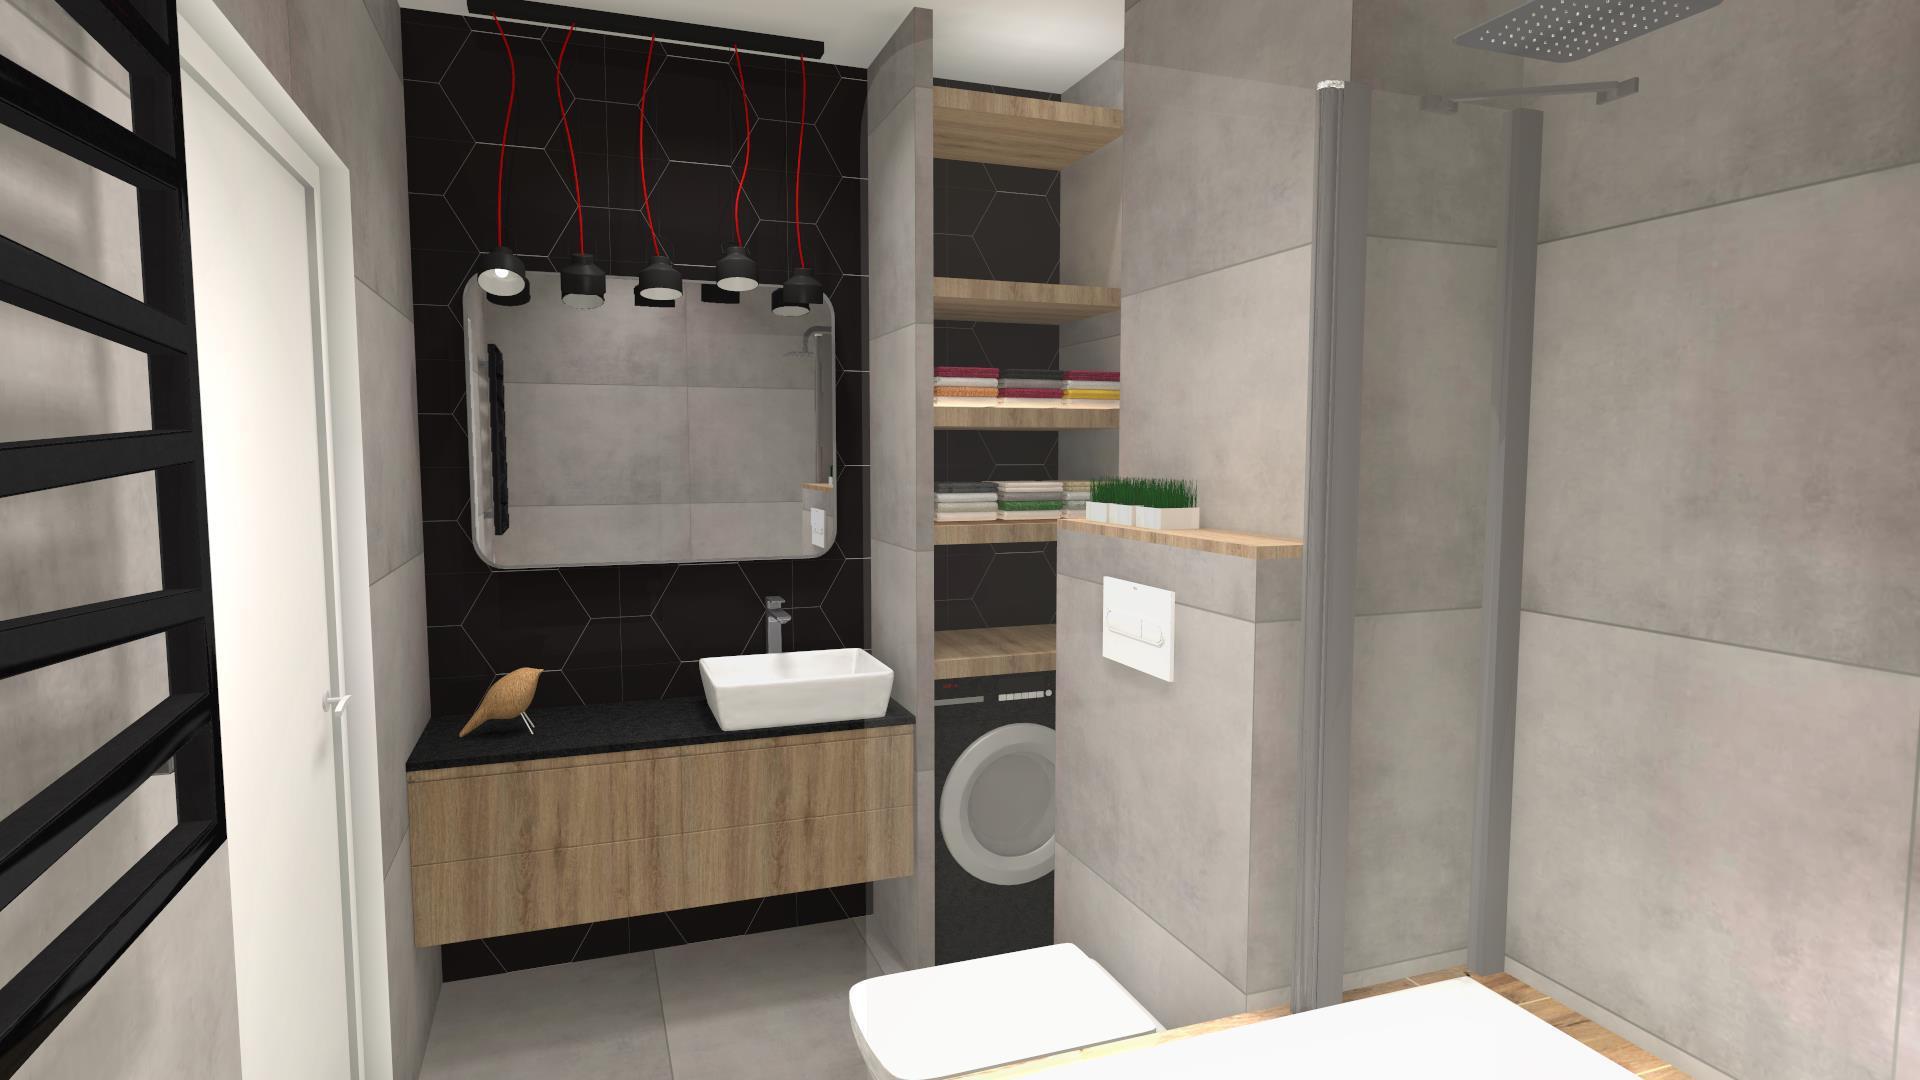 Łazienka z pralką